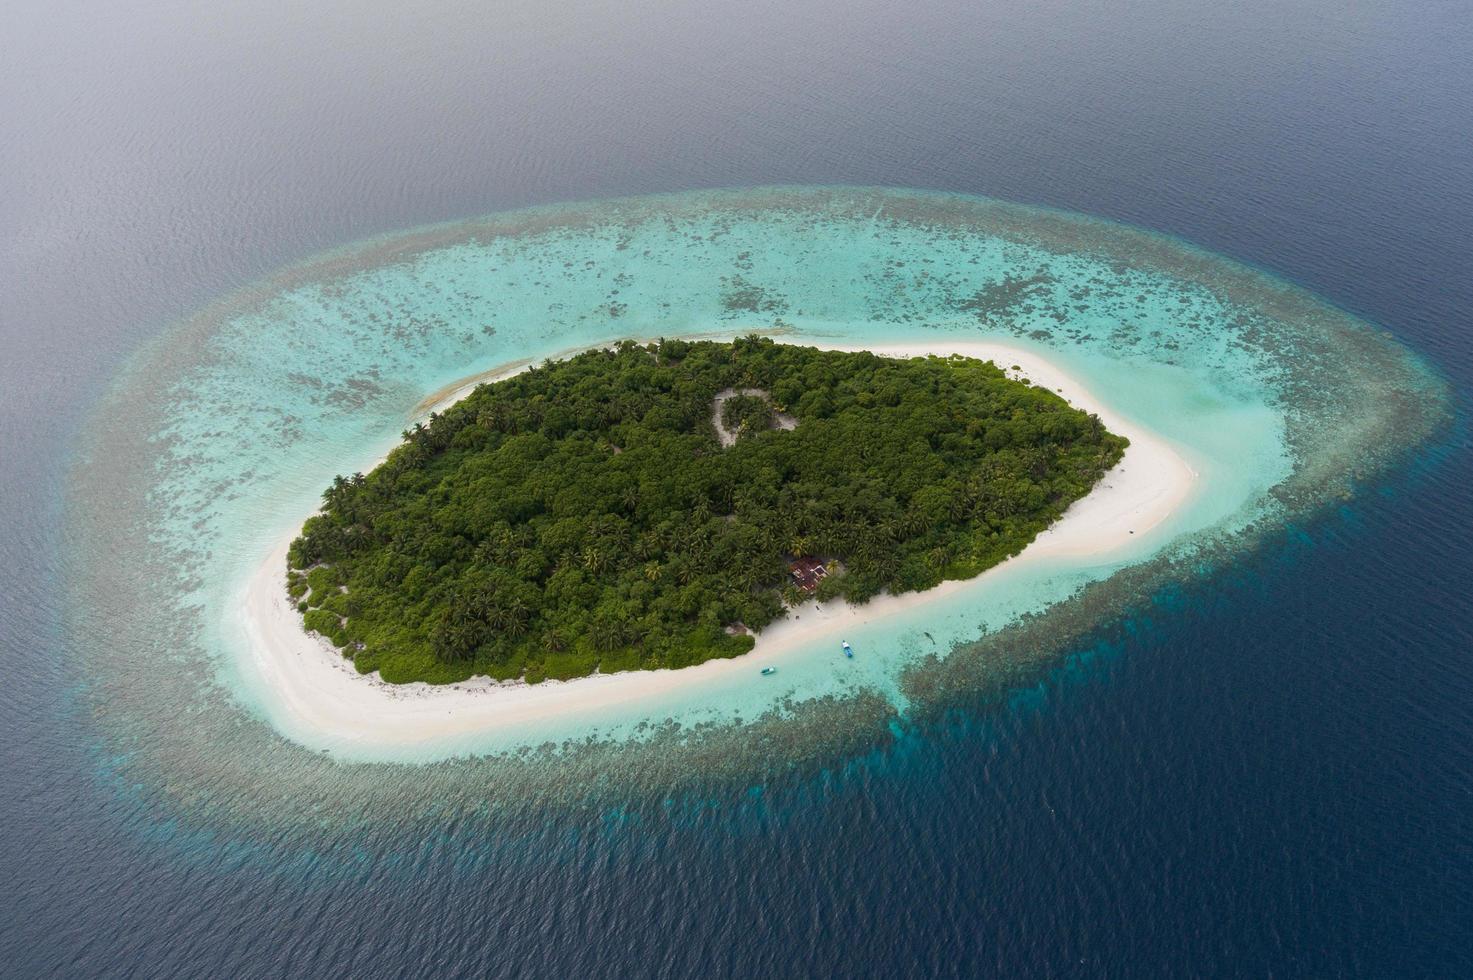 Insel Havodigalaa, Malediven, 2020 - Luftaufnahme der Insel Havodigalaa foto